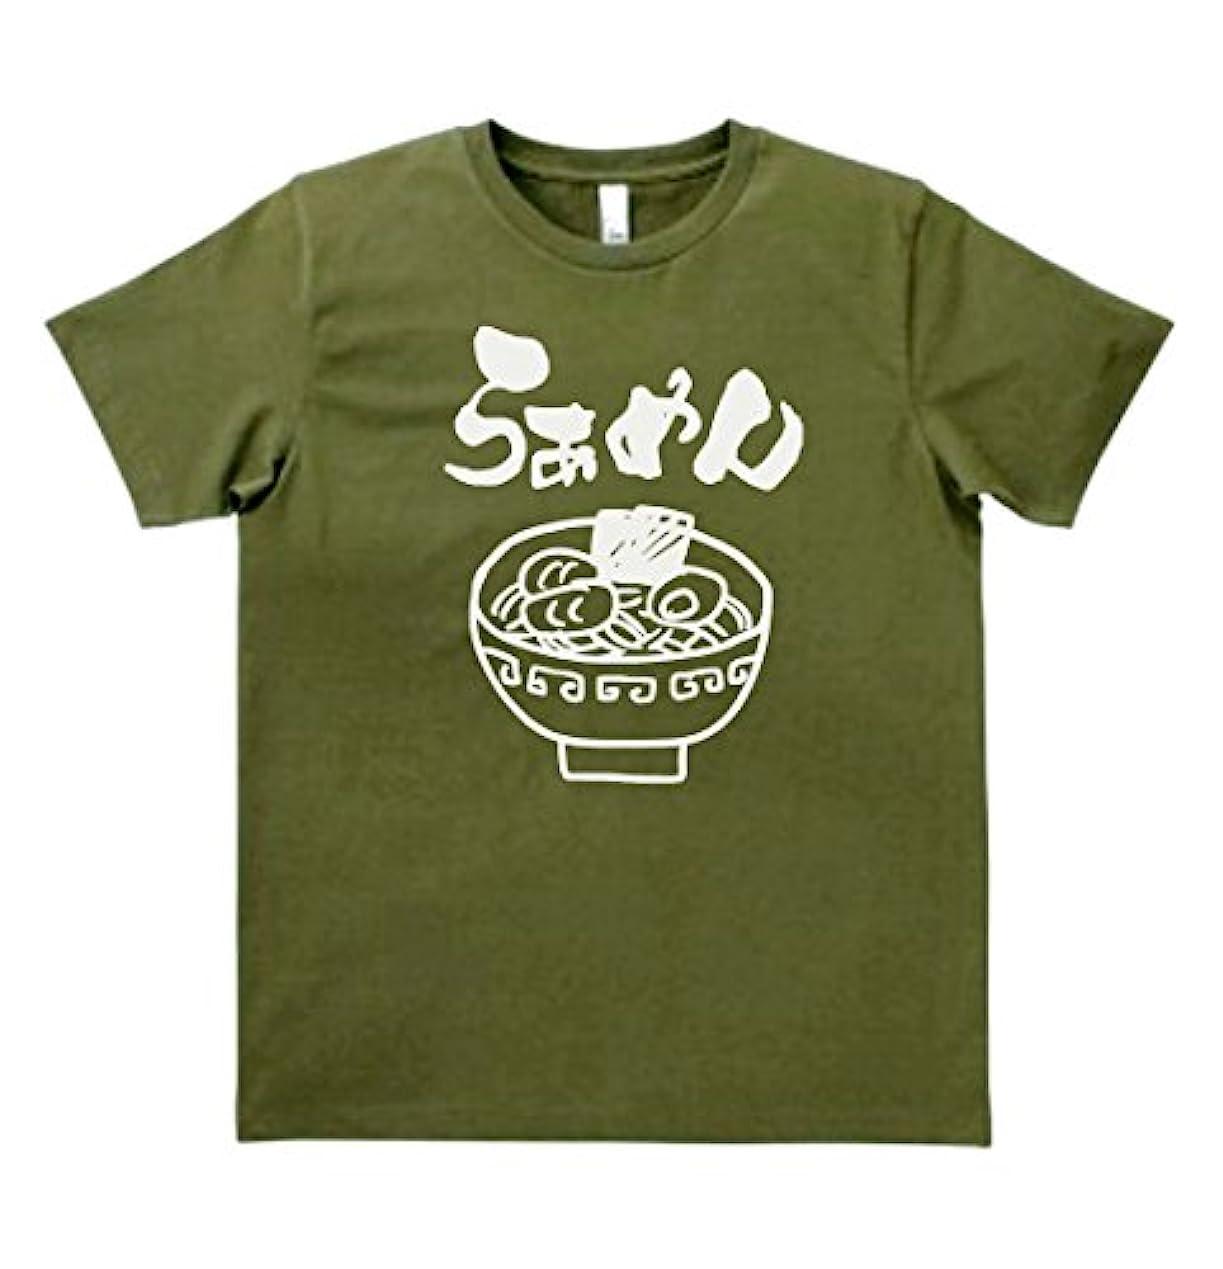 憂鬱ささやき九【ノーブランド品】 おもしろ デザイン ラーメン らぁめん Tシャツ カーキー MLサイズ